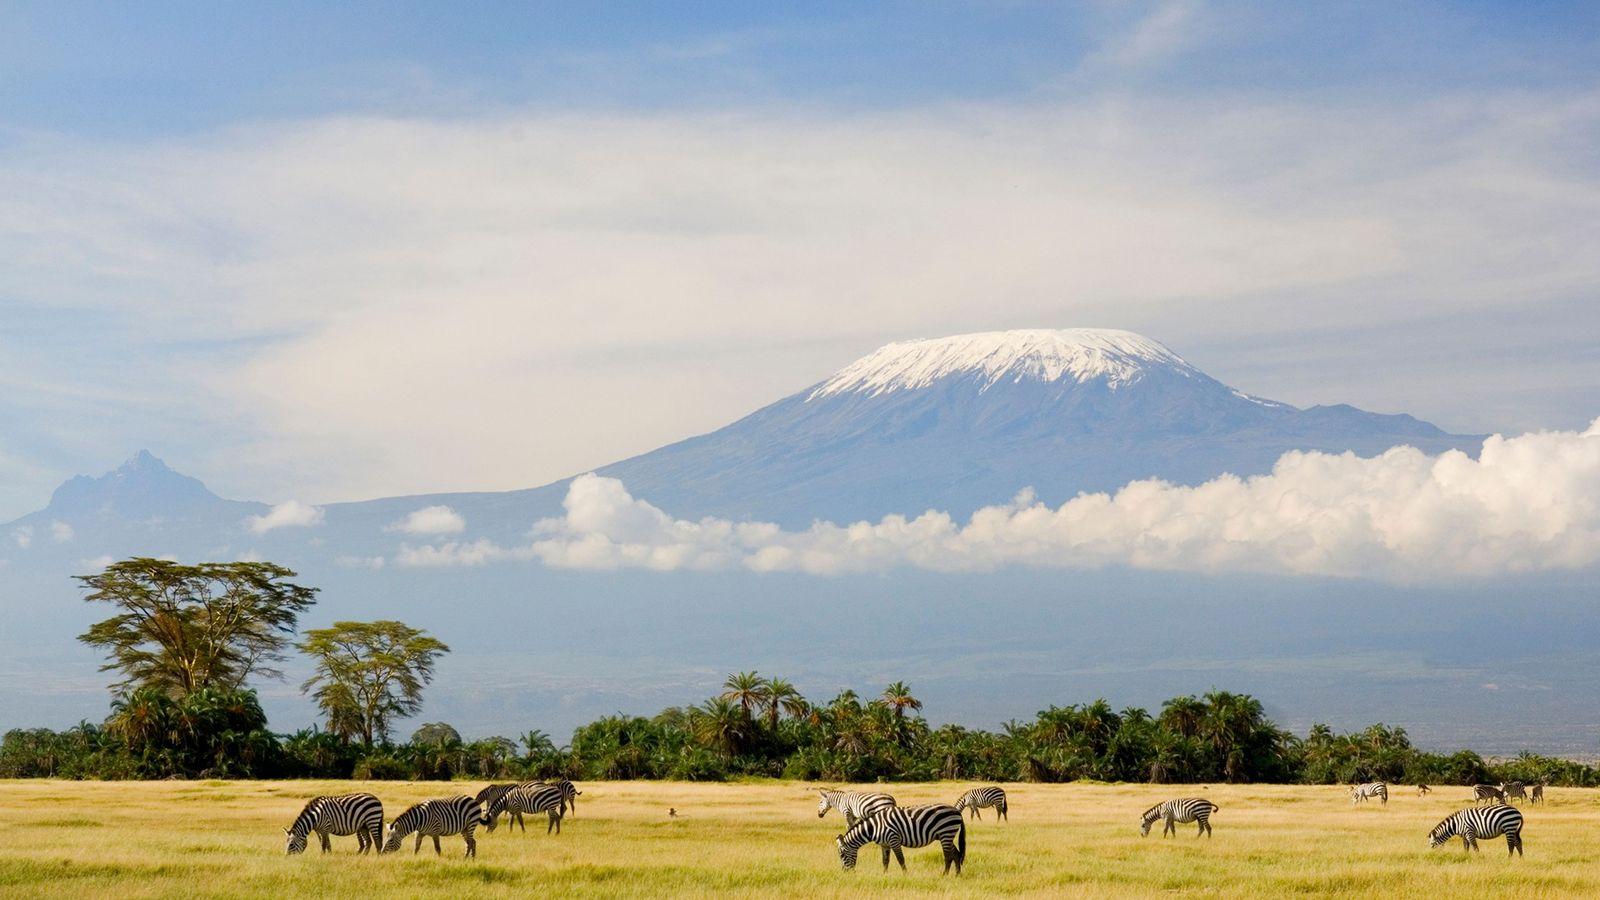 Sous le sommet de la plus haute montagne d'Afrique, le Kilimandjaro, des zèbres se nourrissent d'herbe. ...